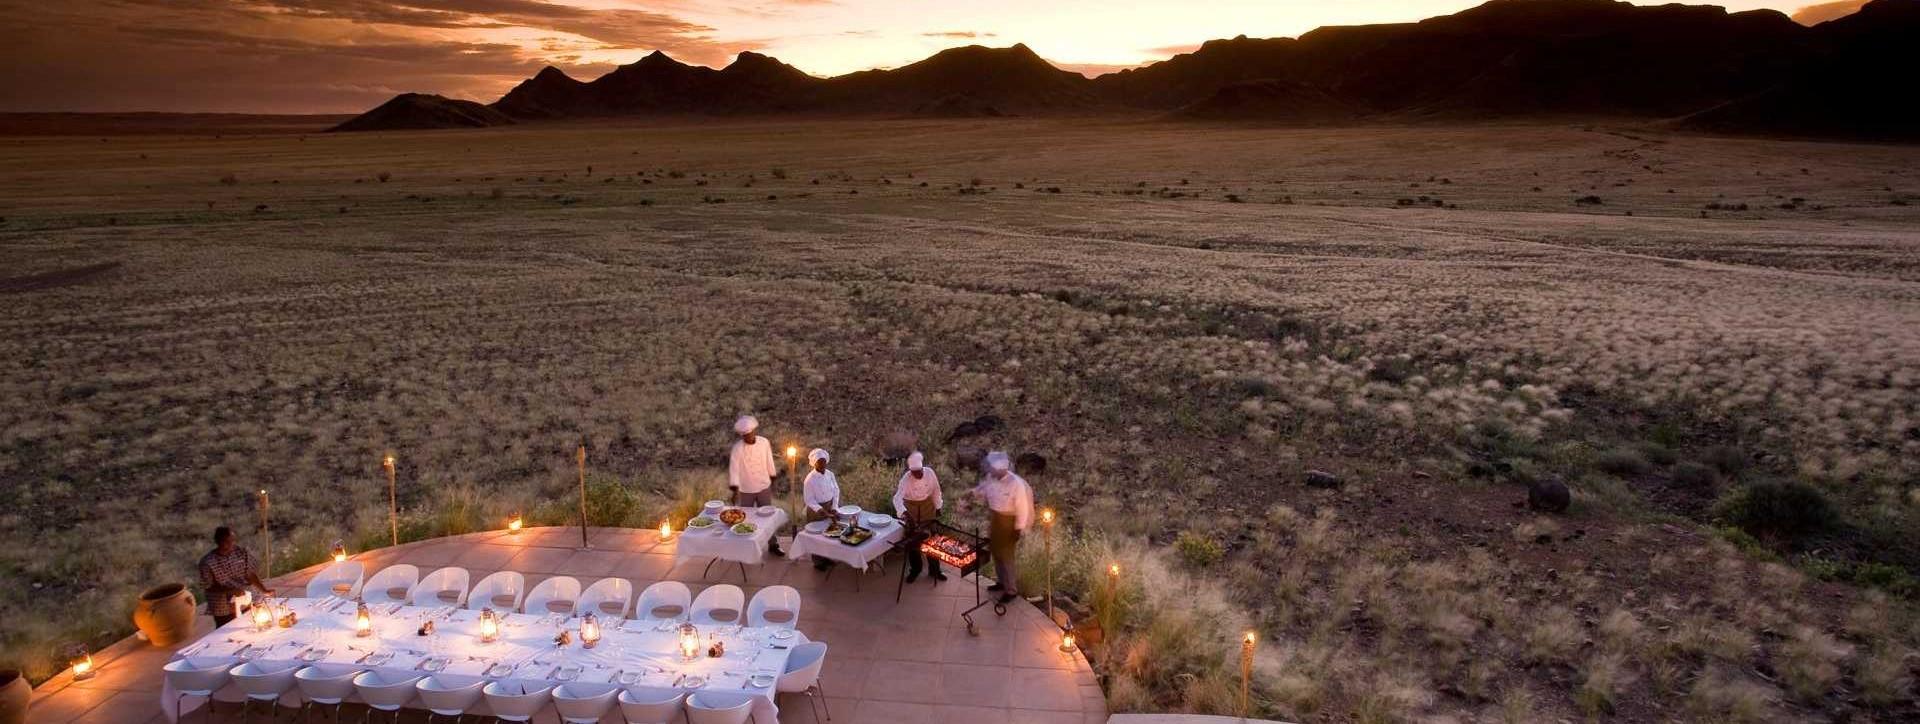 Namibia-Sossusvlei-Desert-Lodge-e1439460236605